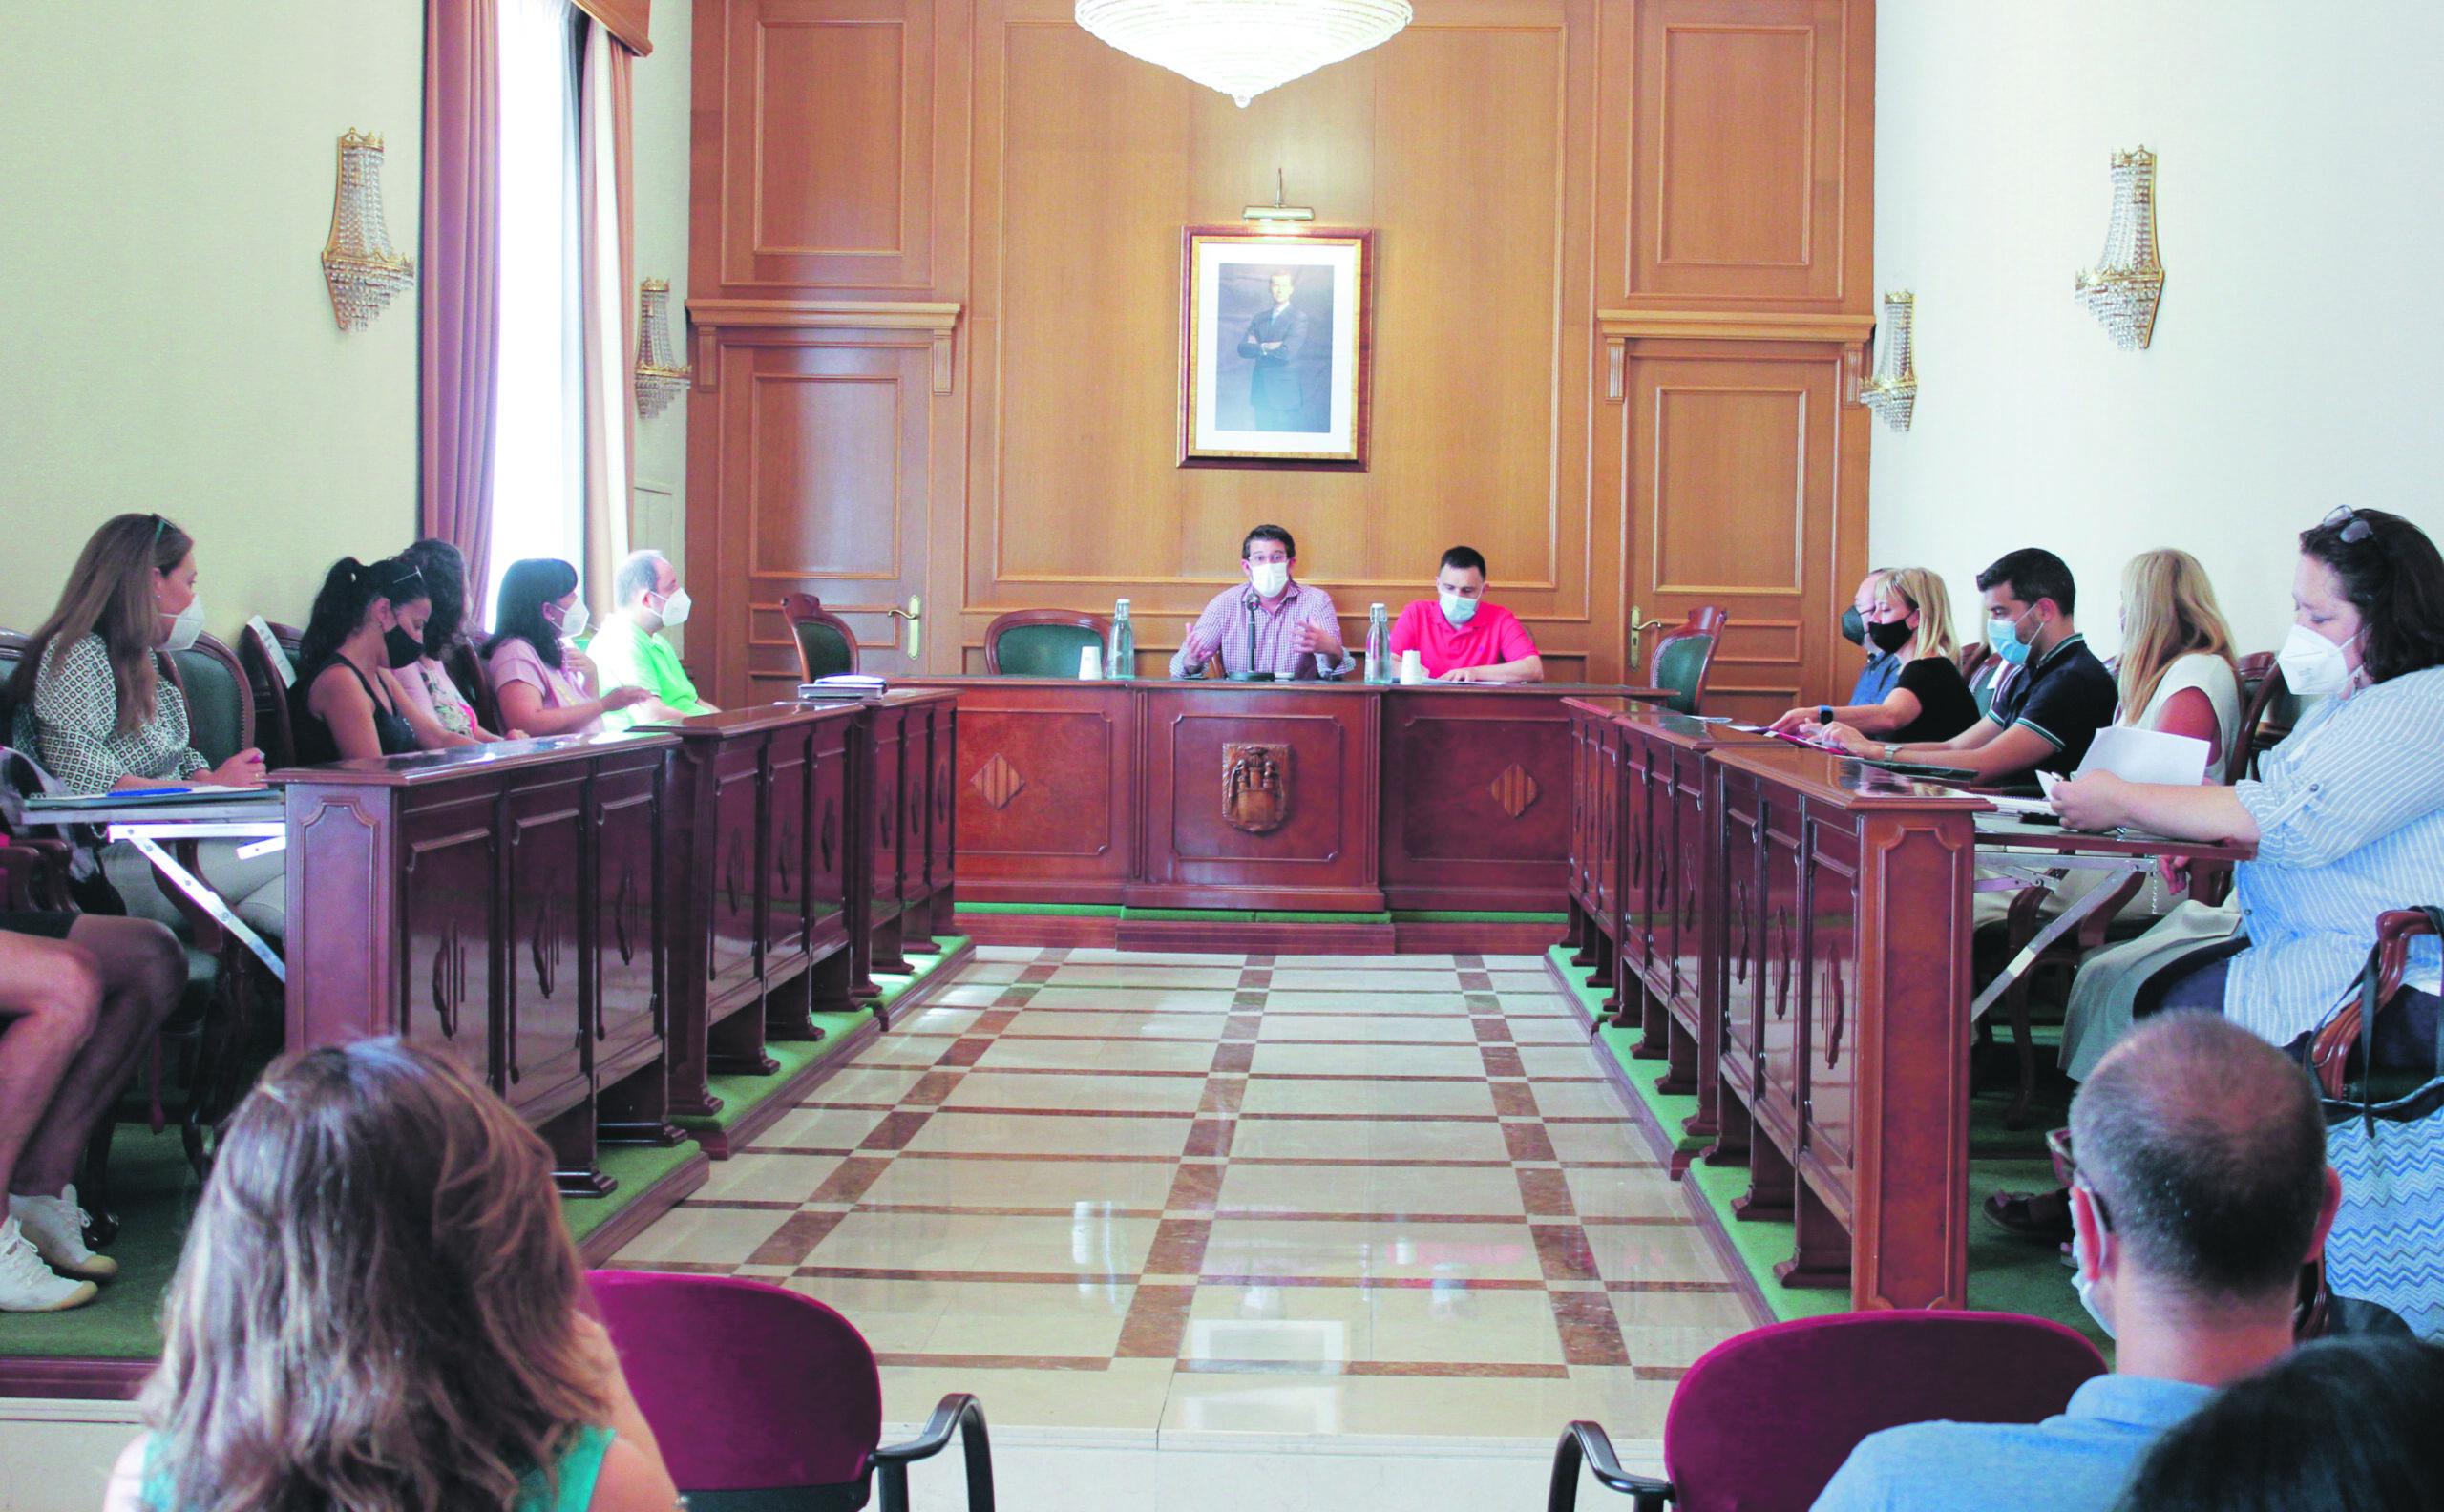 La Covid-19 envia l'inici de curs a examen El Periòdic d'Ontinyent - Noticies a Ontinyent